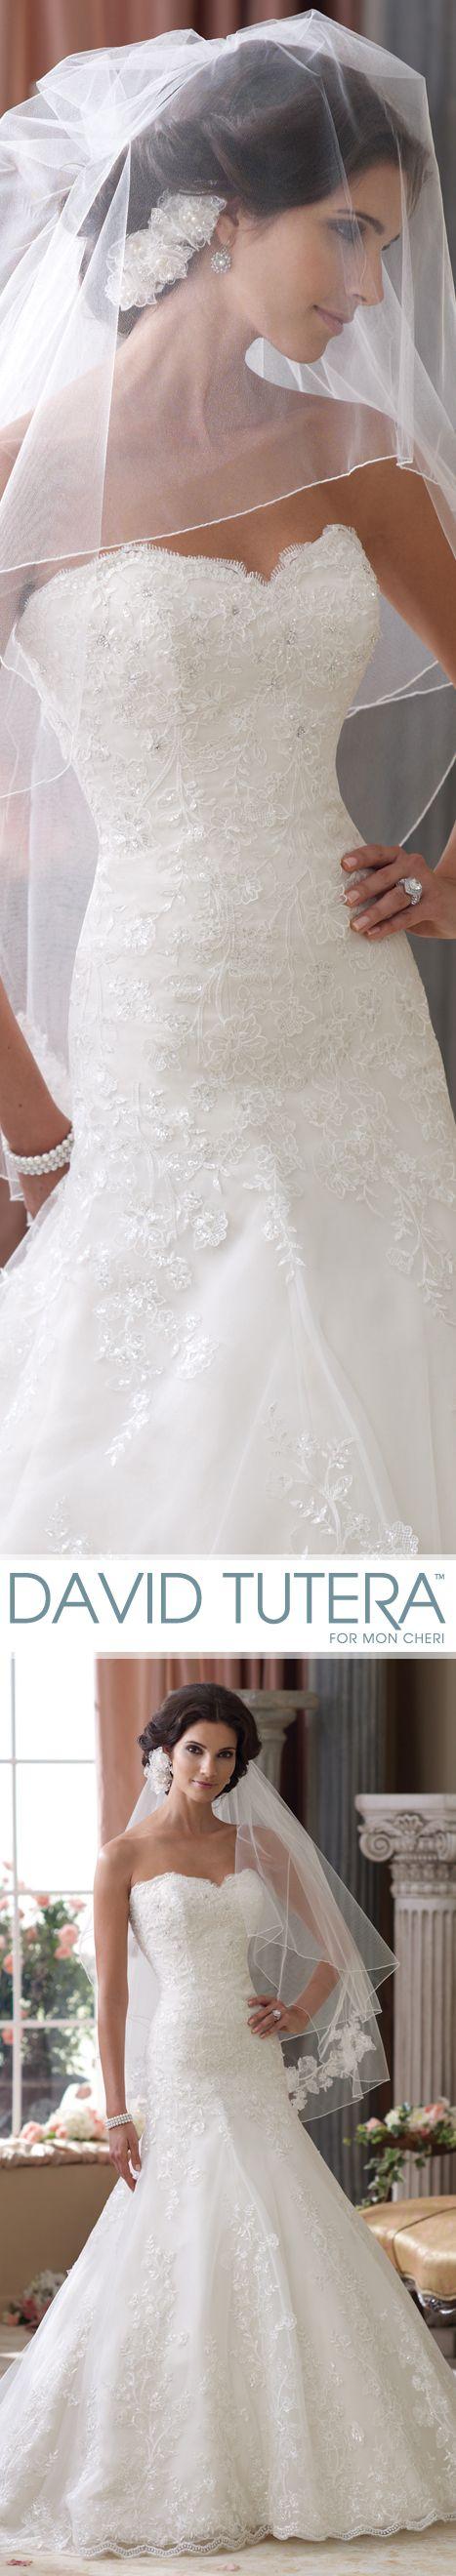 Style No. 114283 ~ Gretna Wedding Dresses 2014 Collection – Apuesta por un recogido con una tiara baja y sobre ello un velo. Otra opción diferente!